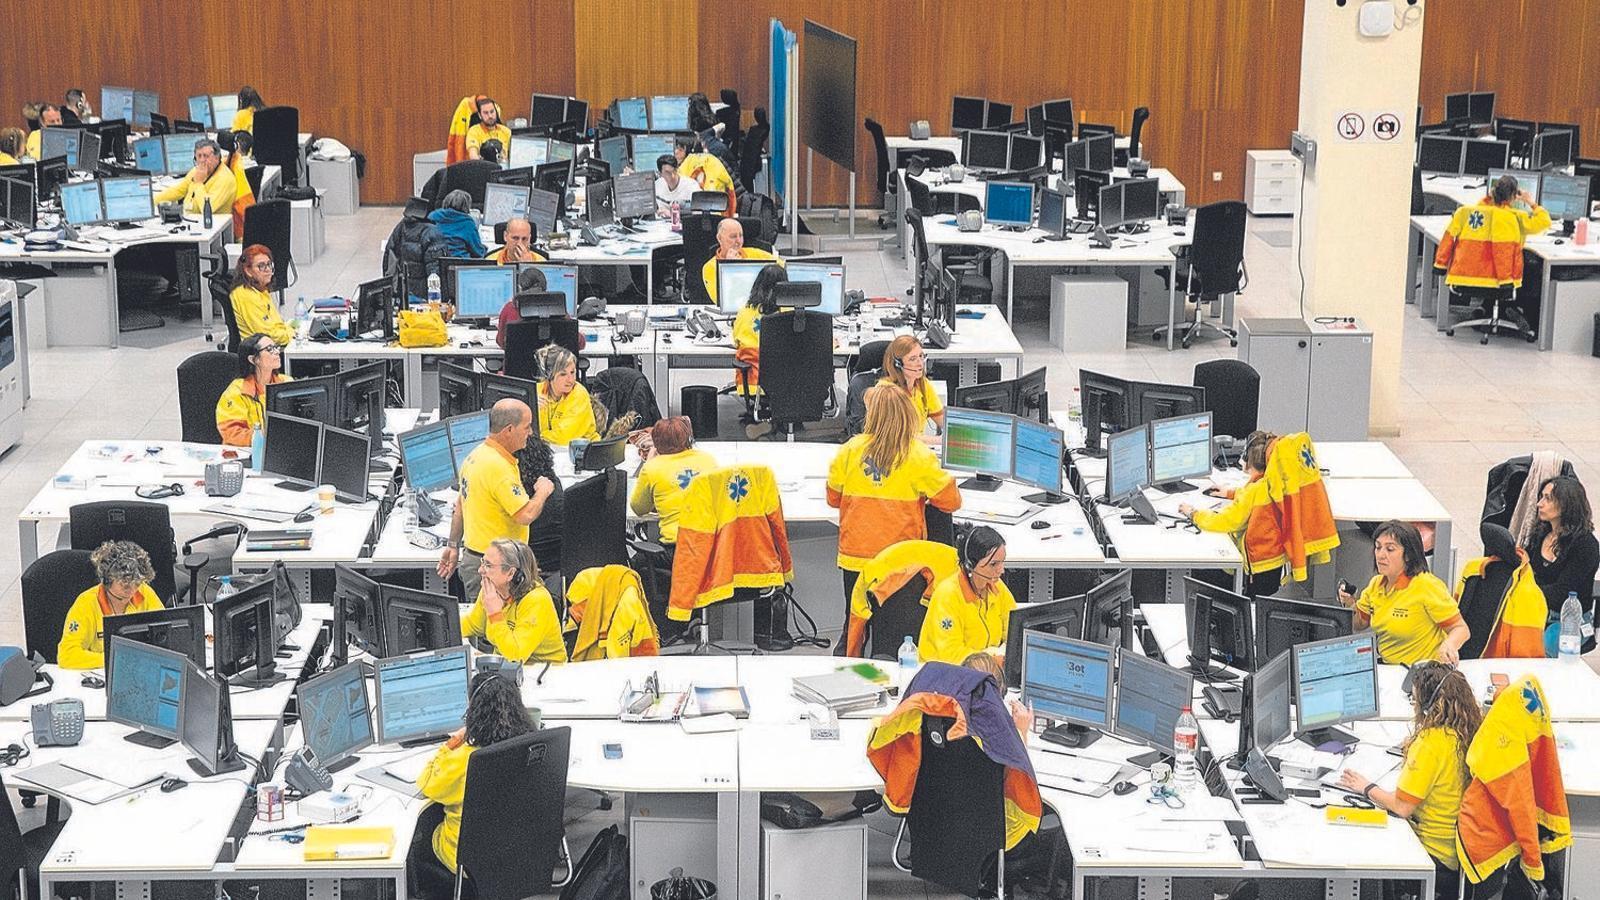 El personal del servei del telèfon de salut a Catalunya, el 061 CatSalut Respon, atén un miler de trucades diàries sobre el coronavirus.